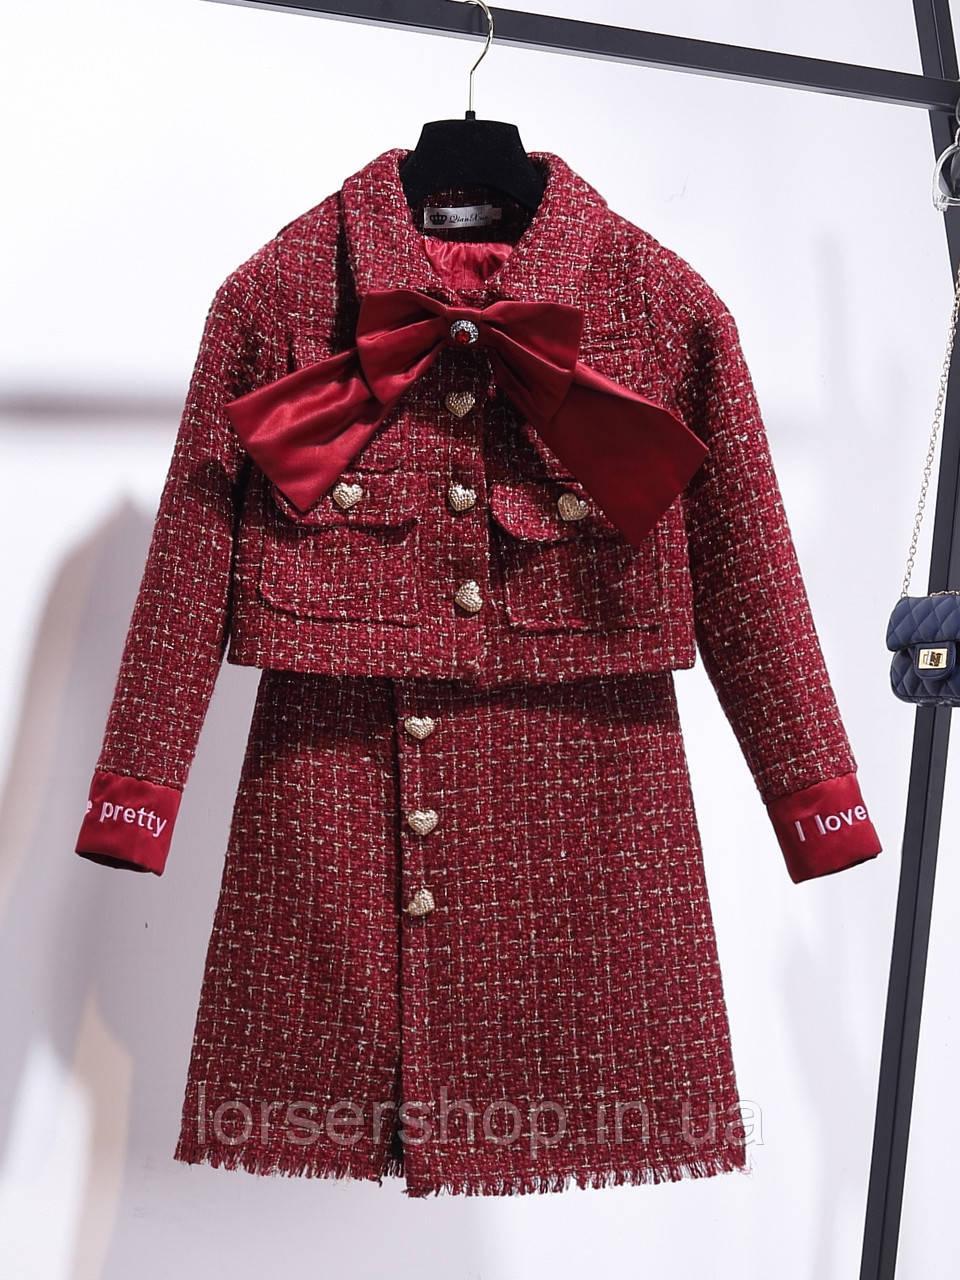 Купить Костюм брендовый твидовый, красного цвета юбка и пиджак